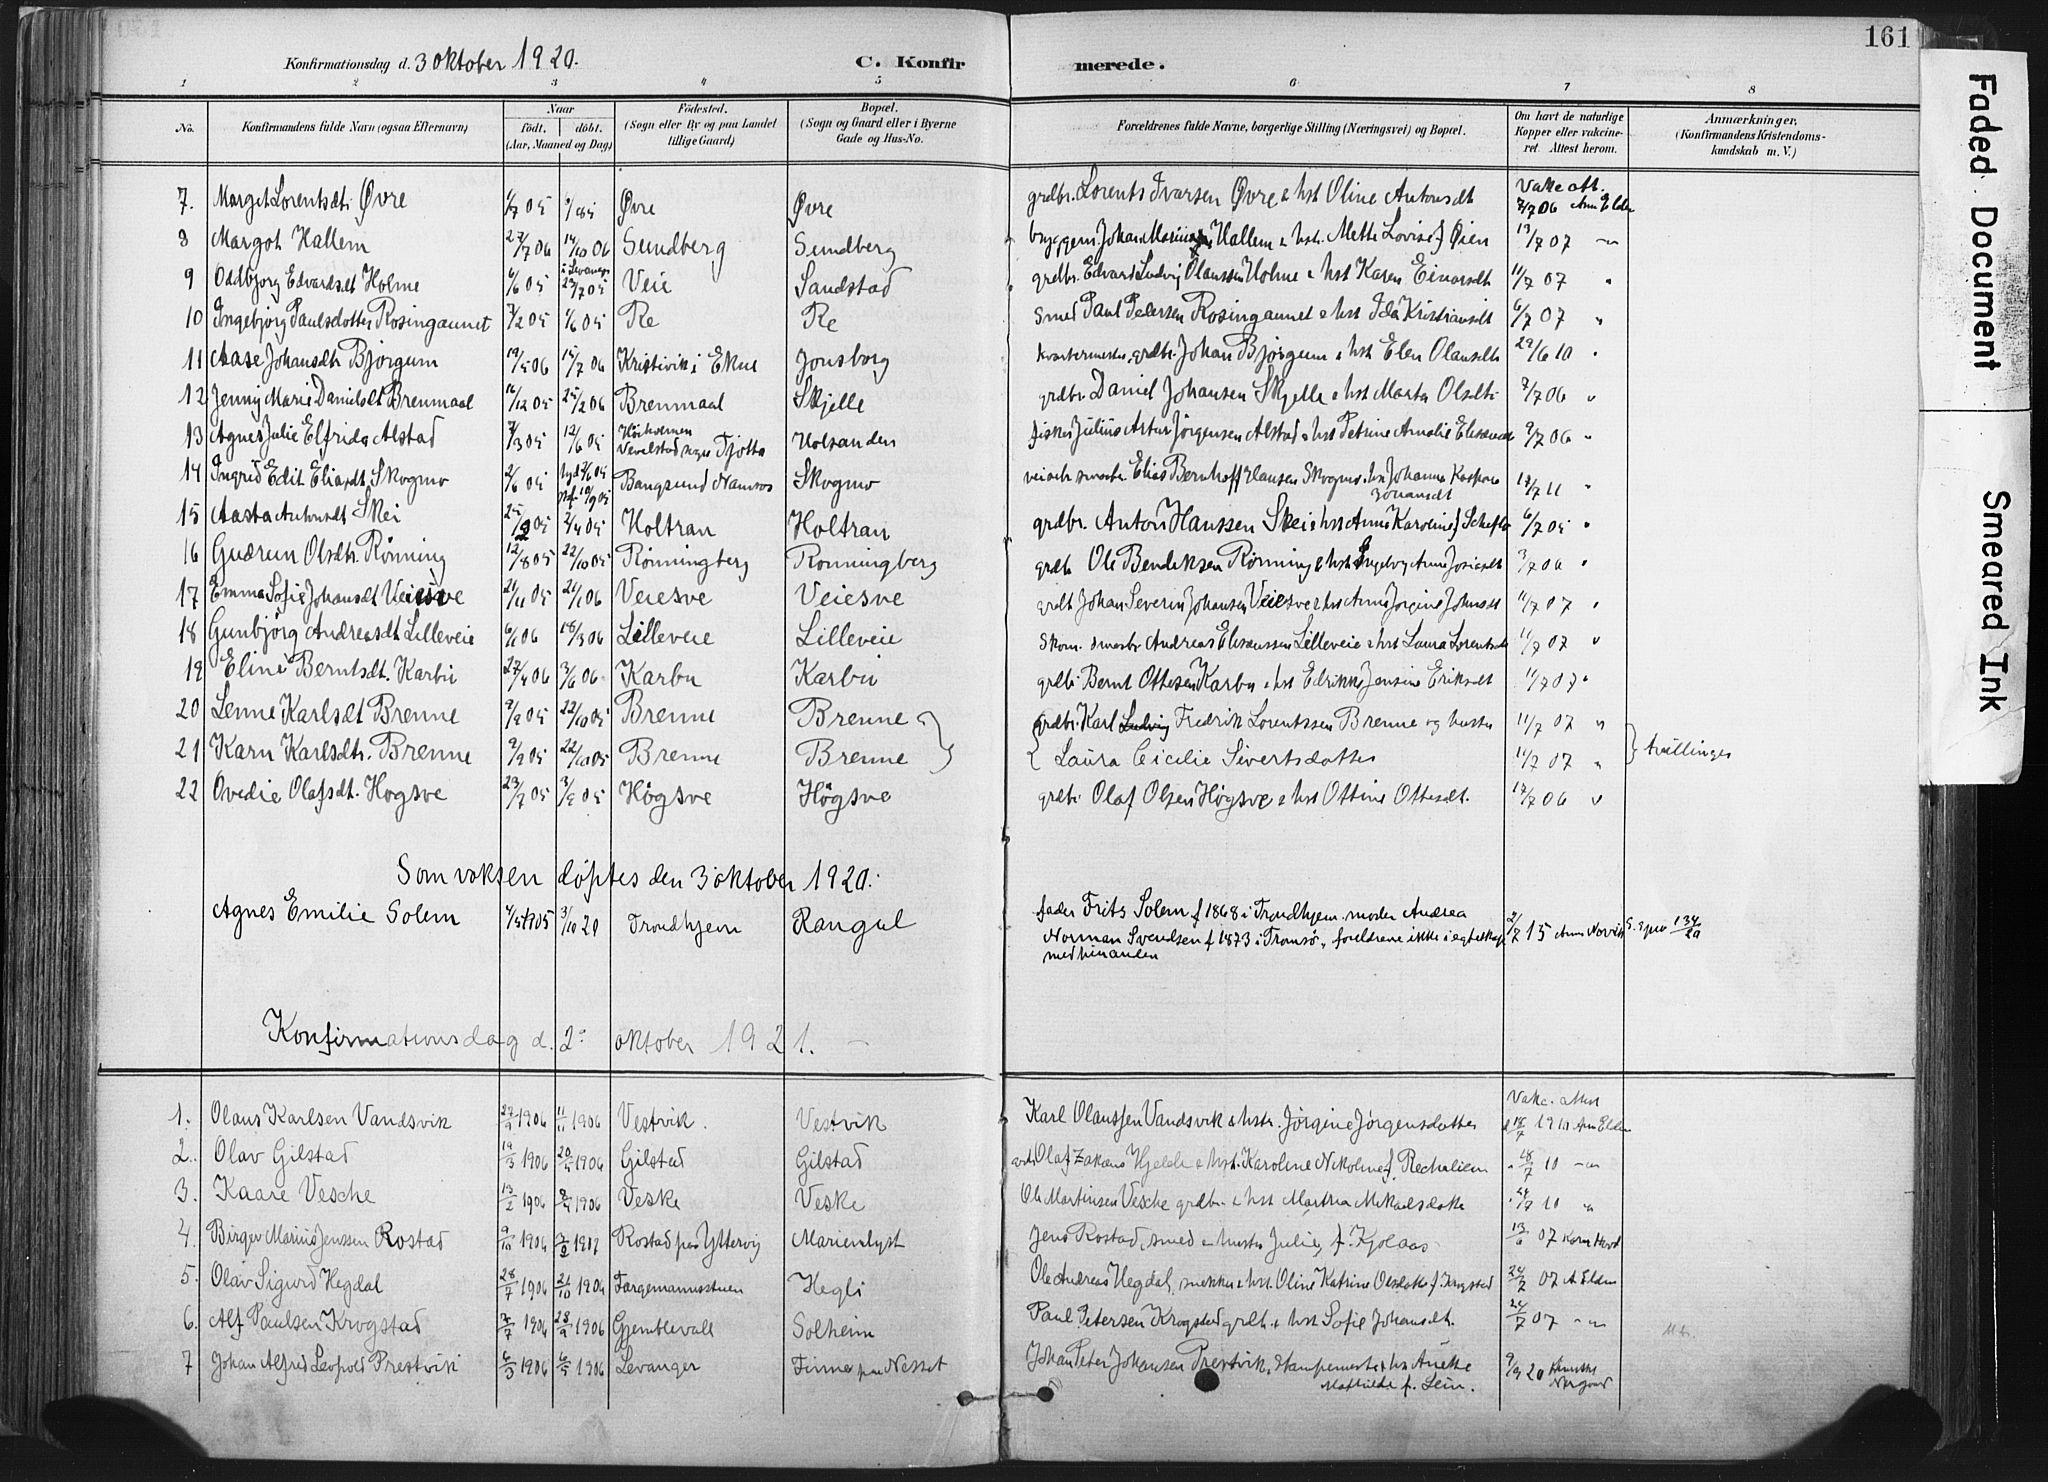 SAT, Ministerialprotokoller, klokkerbøker og fødselsregistre - Nord-Trøndelag, 717/L0162: Ministerialbok nr. 717A12, 1898-1923, s. 161